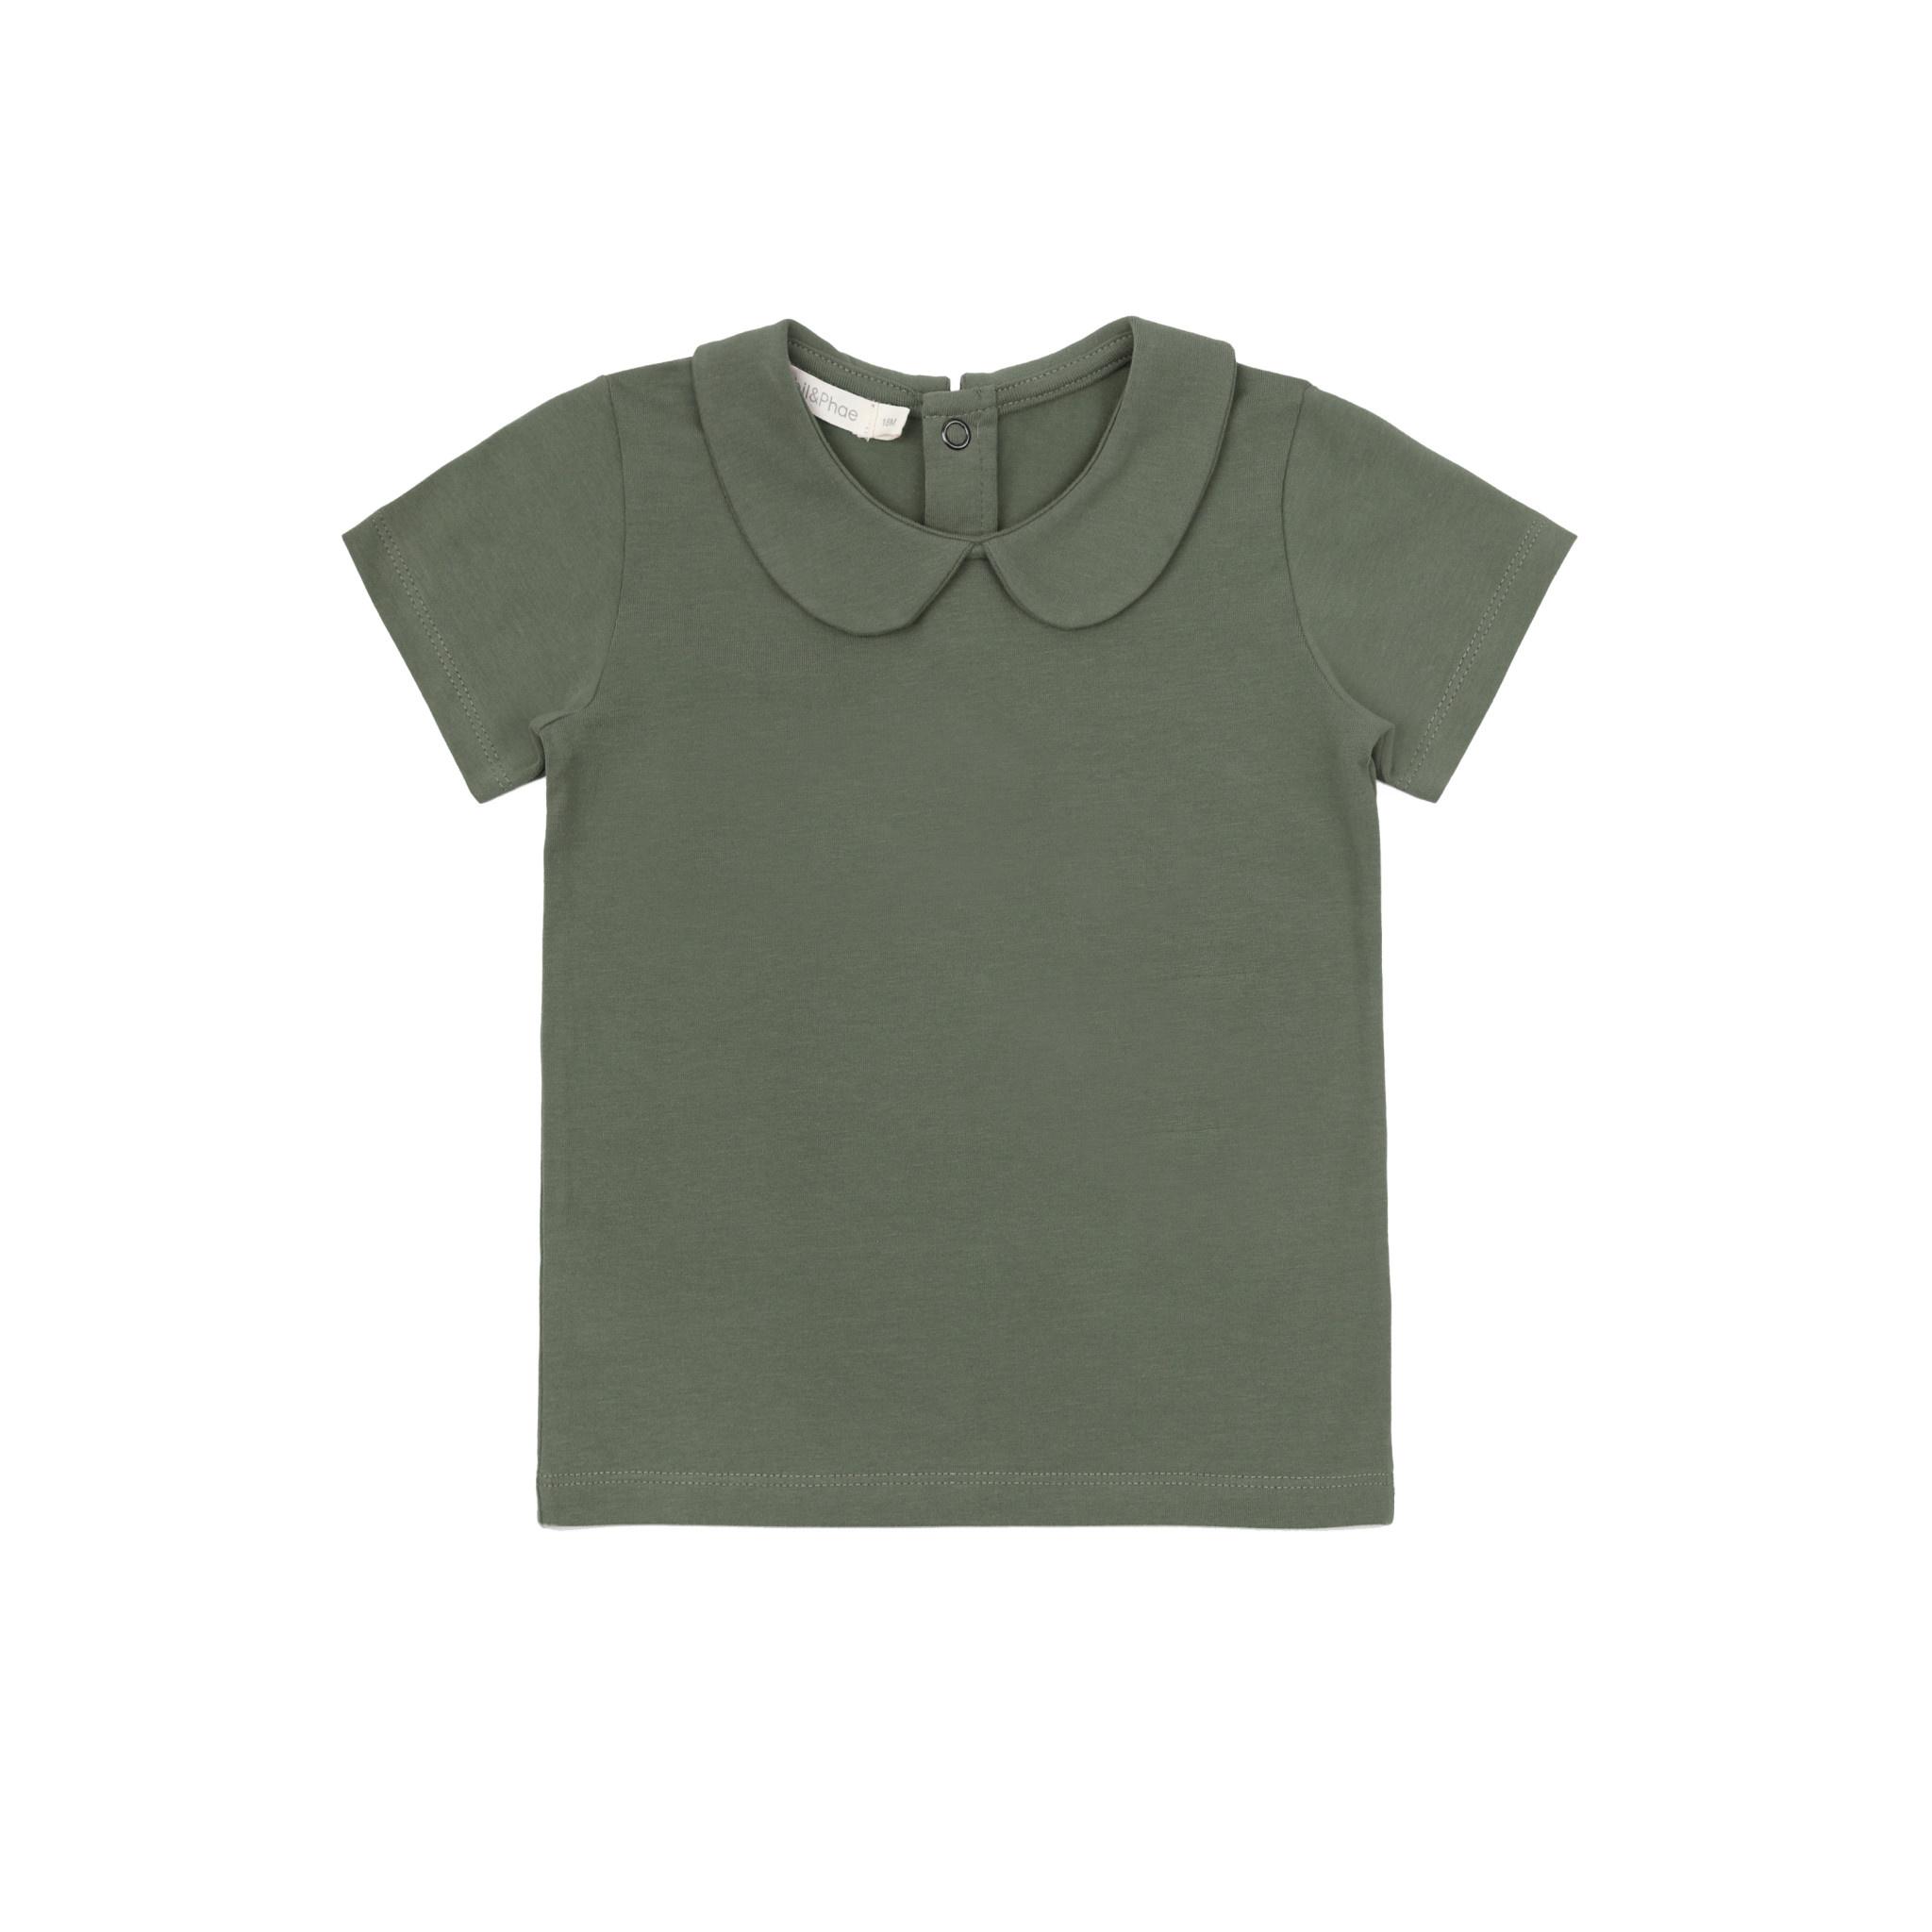 Phil&Phae Phil & Phae - Collar tee short sleeve sage